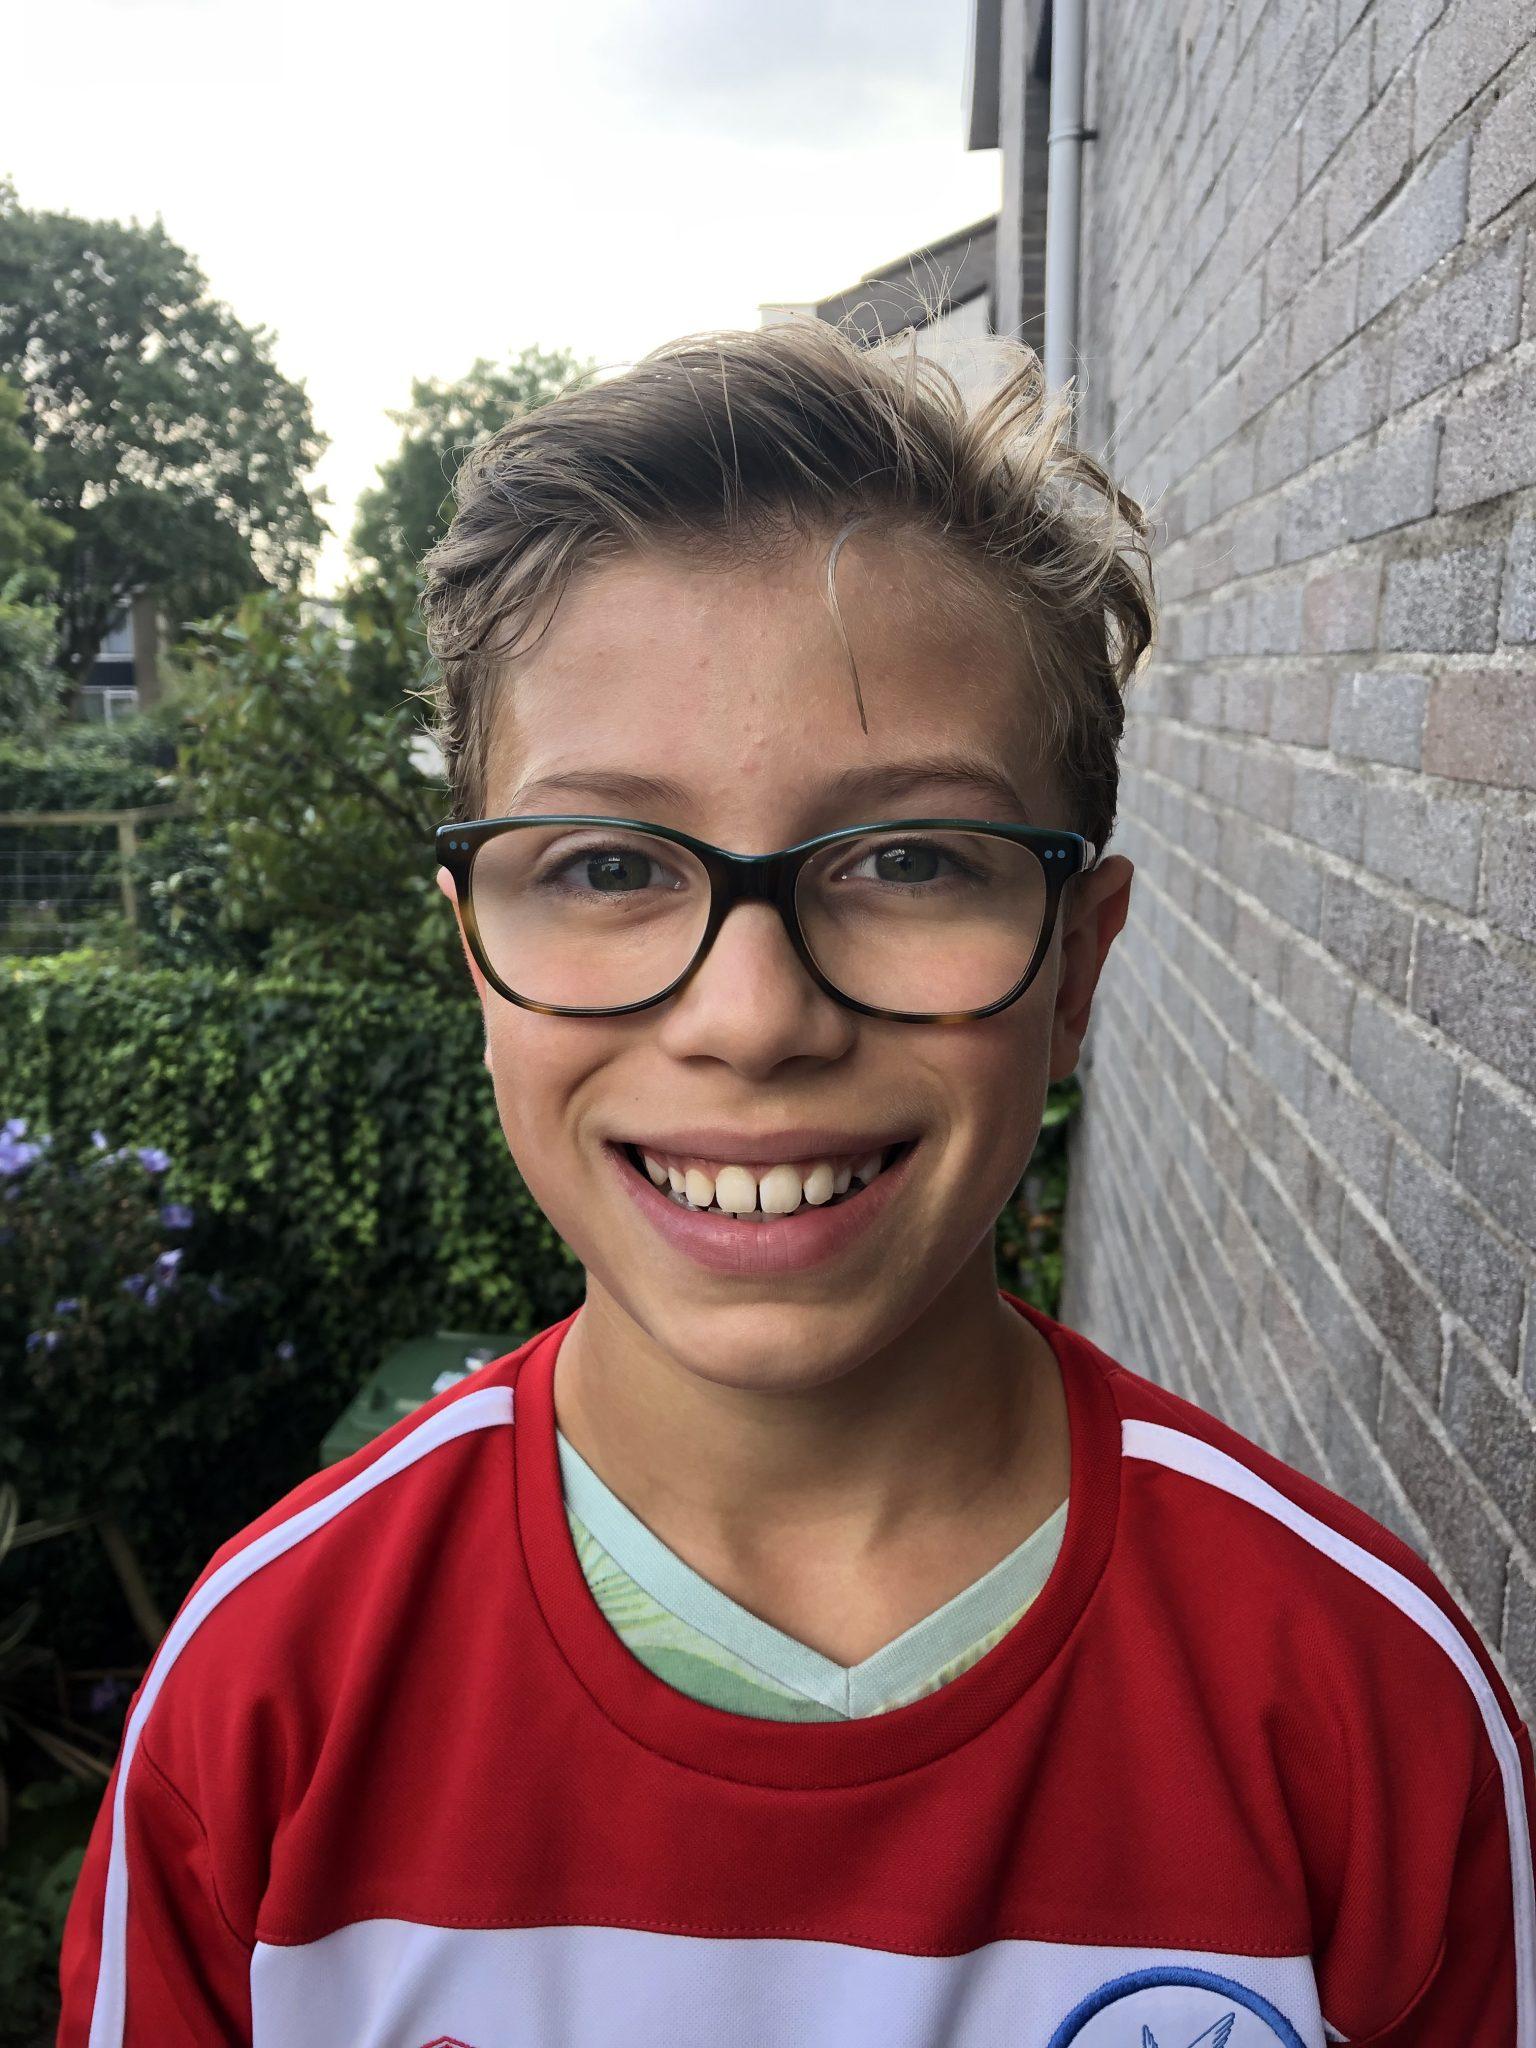 Pupil van de Week: Tim van Ockenburg